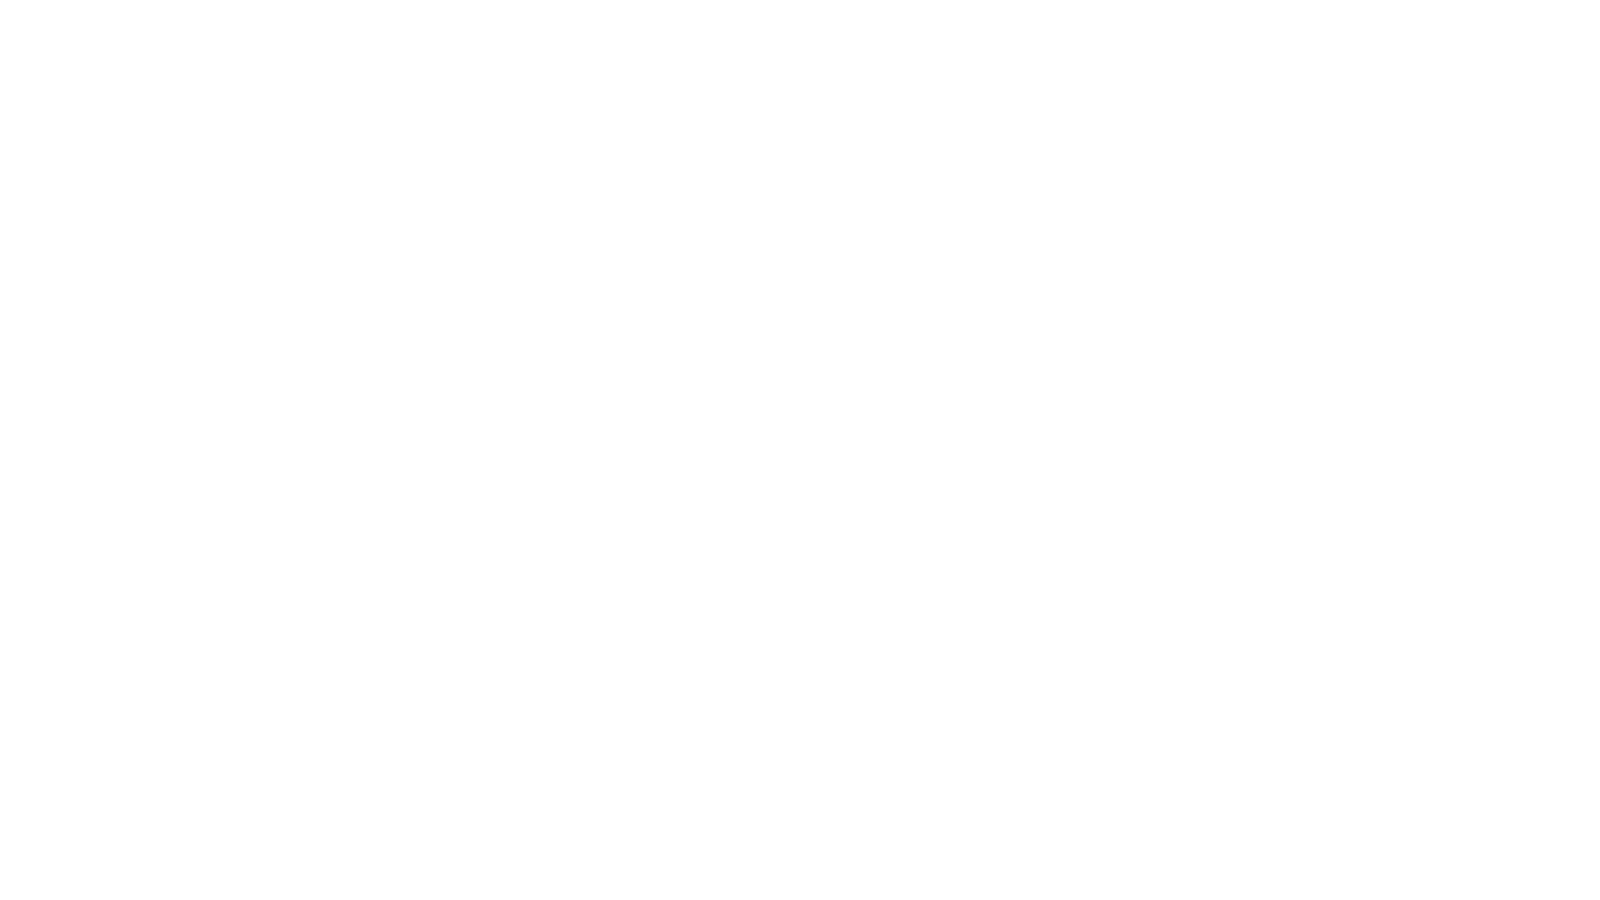 صممت شركة ستاركي  اربع ملحقات جديدة تجعل المعينات السمعية Livio AI أكثر فائدة ، وتزيد من متعة الاستماع إلى الأشياء المفضلة لديك بشكل  ملحوظ.  يمكنك معرفة المزيد في الفيديوا 🦻  للمزيد من المعلومات والاستفسار الرجاء الاتصال على الرقم ؛ 06-5670777 فروعنا لخدمتكم  ؛ جبل الحسين / بجانب المستشفى الإسلامي  الشميساني / بجانب المستشفى التخصصي جبل عمان / بجانب مستشفى الخالدي الزرقـــاء / شارع السعادة